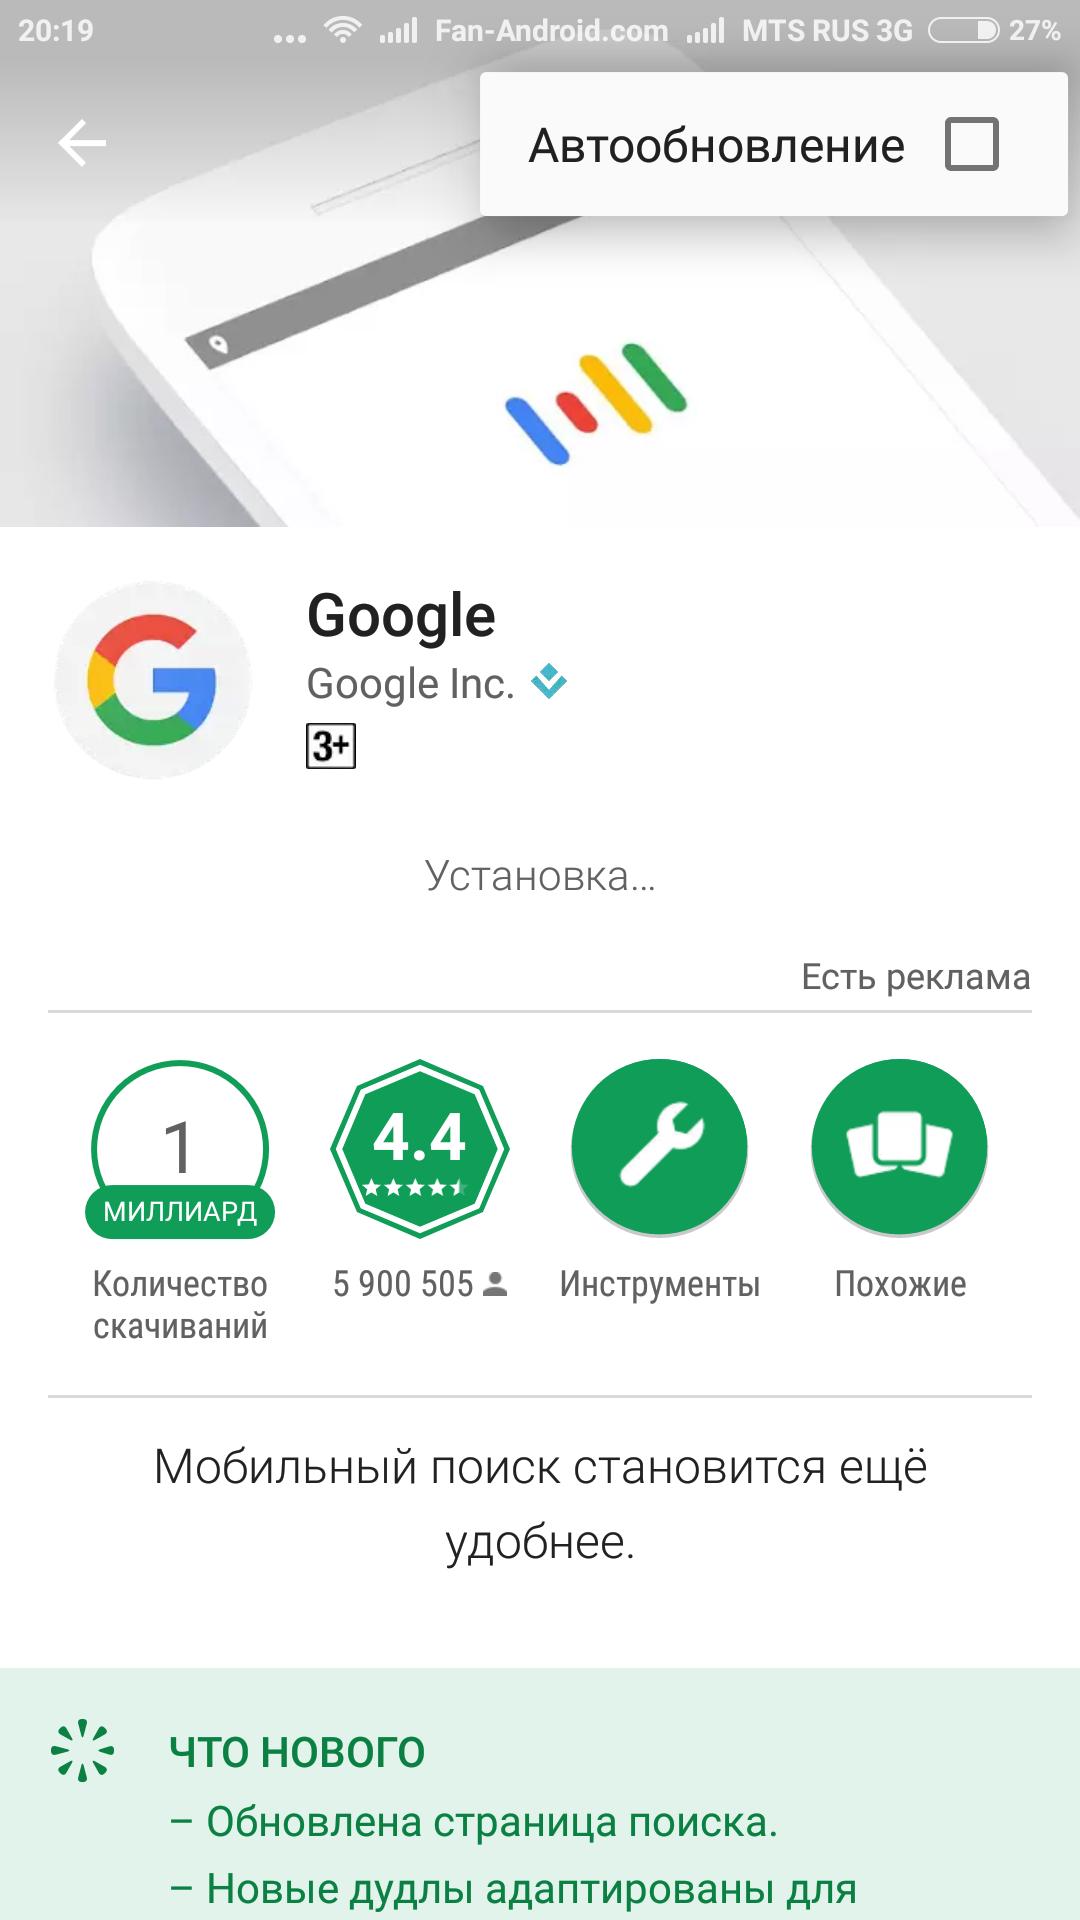 Последние обновления приложений для андроид